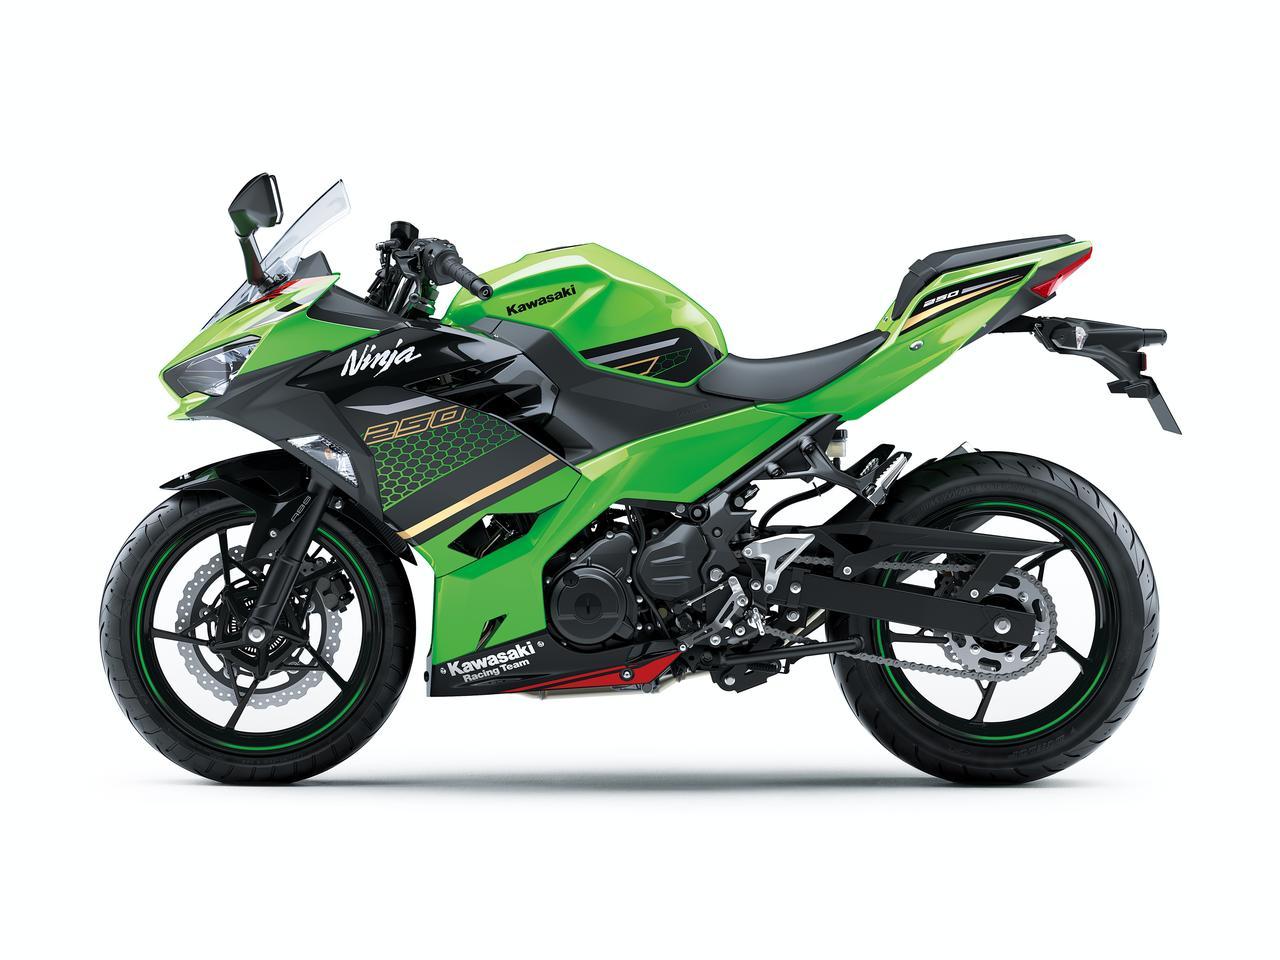 画像8: カワサキ「Ninja250」の2020年モデルは、Ninja400とそっくり!「Ninja 250 KRT EDITION」も合わせて9月1日(日)に発売!